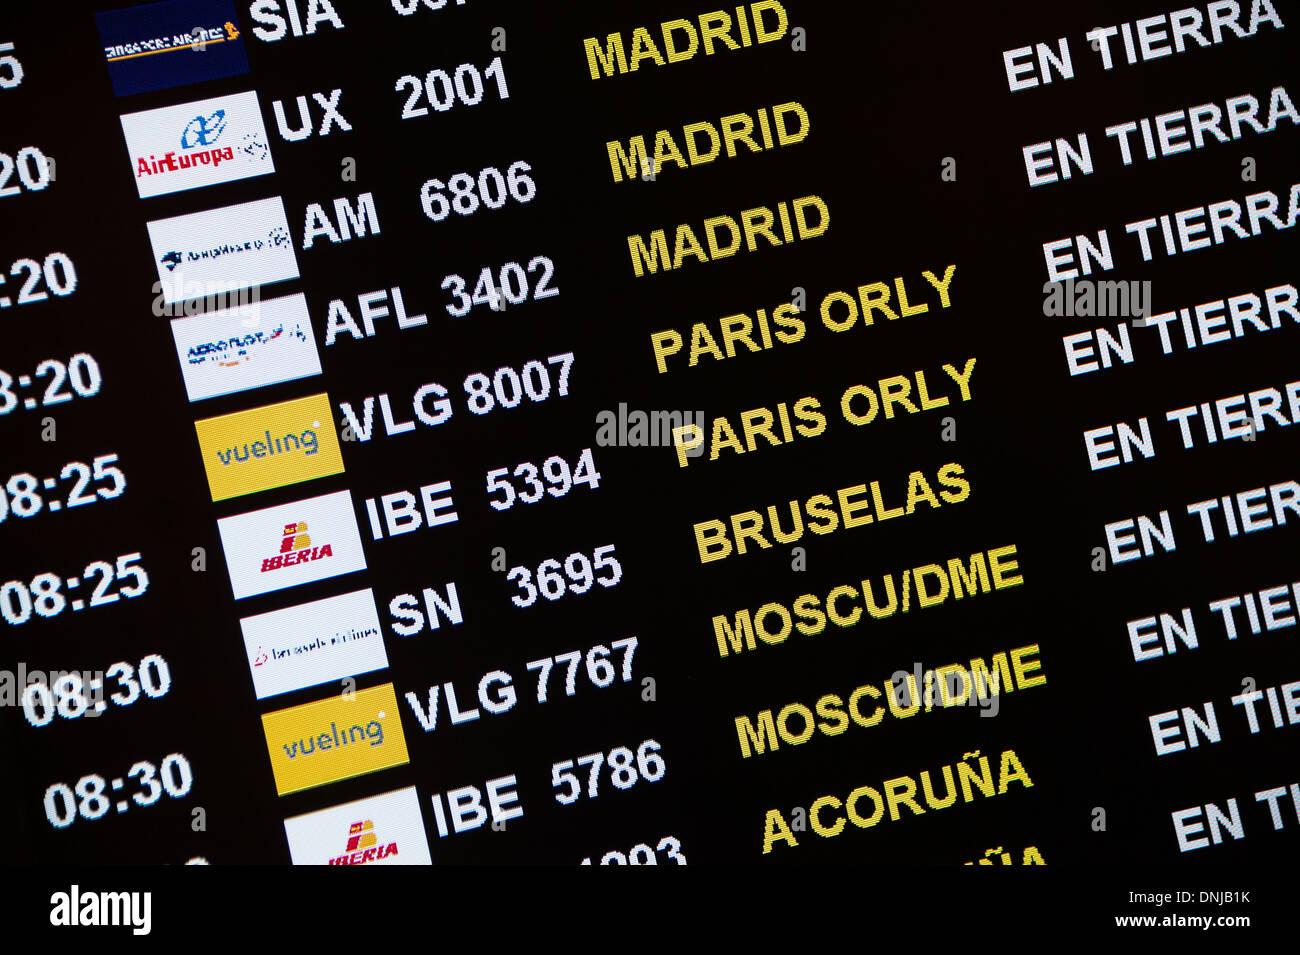 Flight status jfk - Flight Status Display In Airport Terminal Barcelona Spain Stock Image